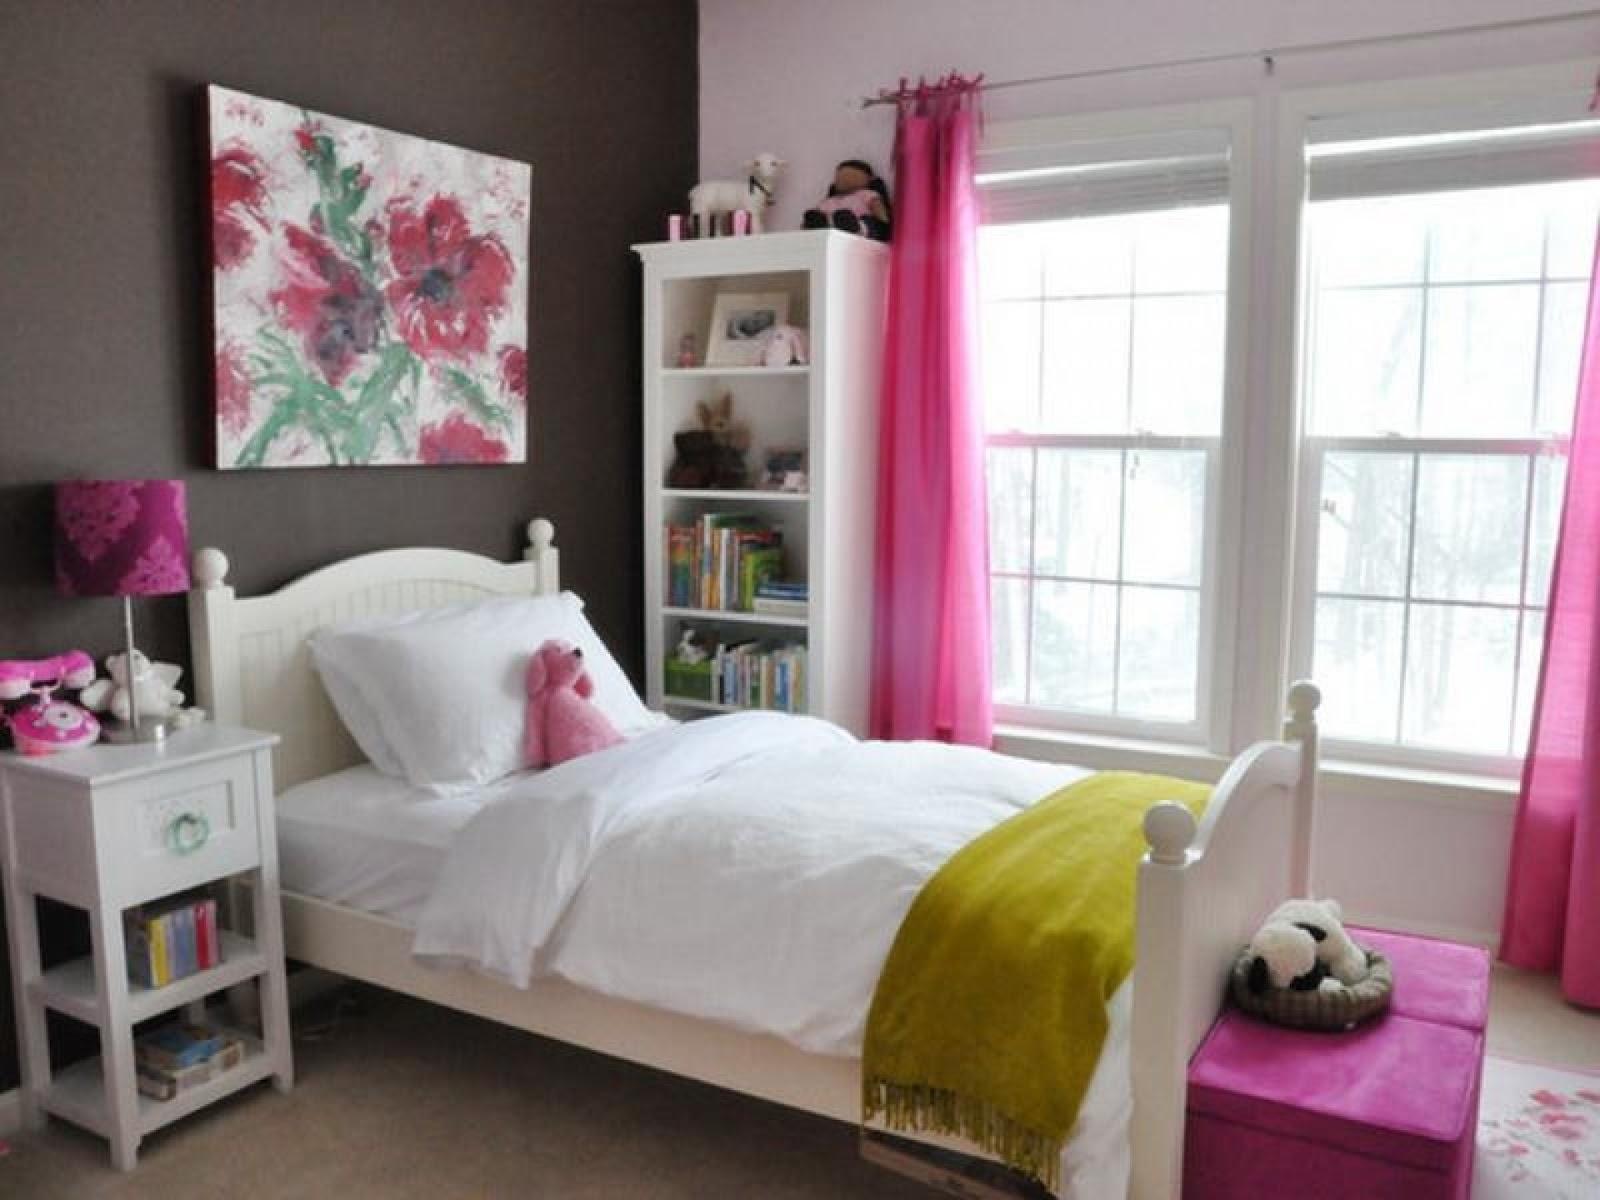 85 Desain Interior Terbaik Kamar Tidur Remaja Perempuan Rumahku Unik